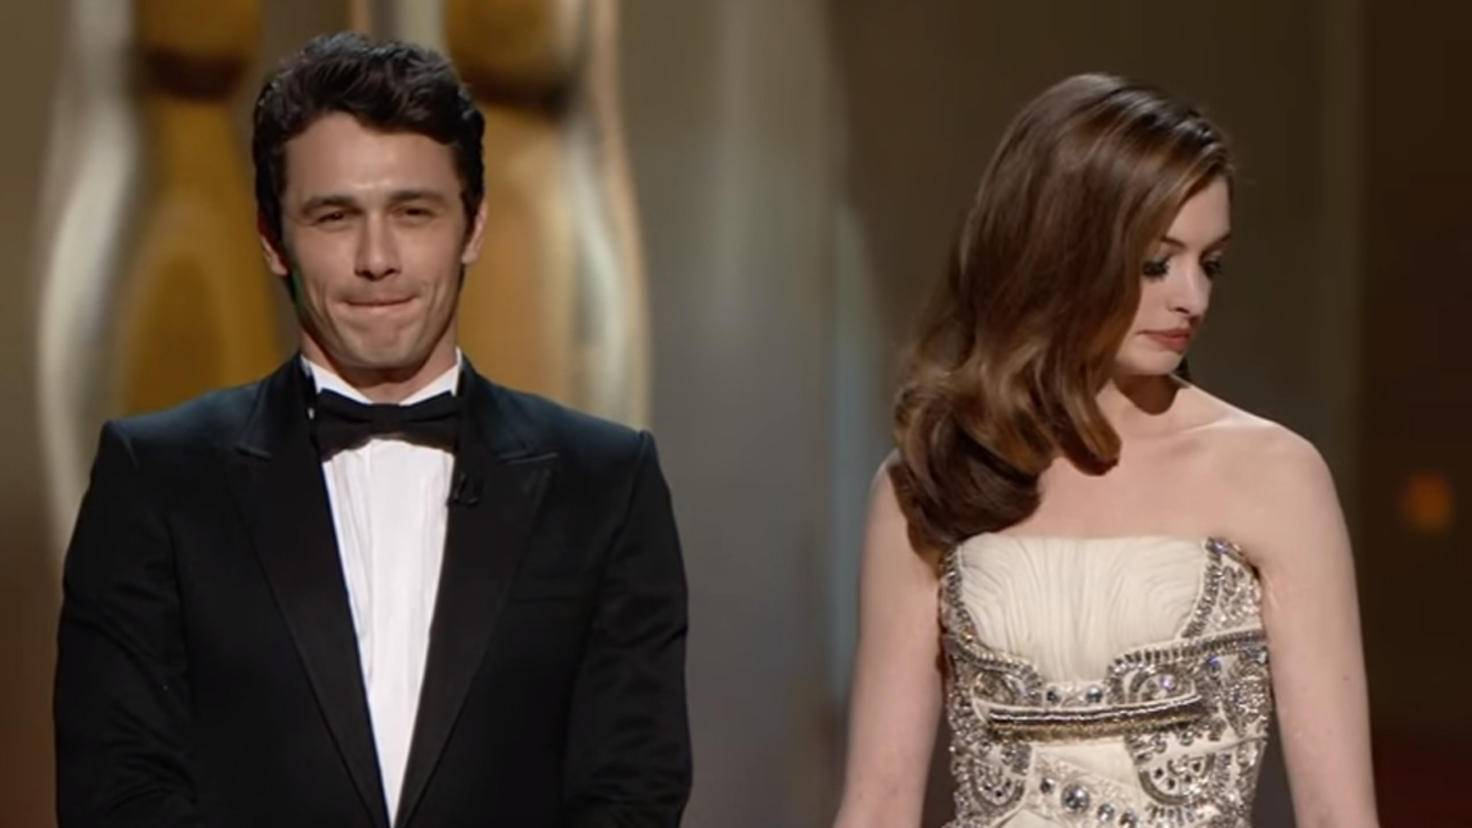 Die Oscar-Verleihung von 2011 zählt nicht gerade zu den besten Shows der Award-Geschichte.